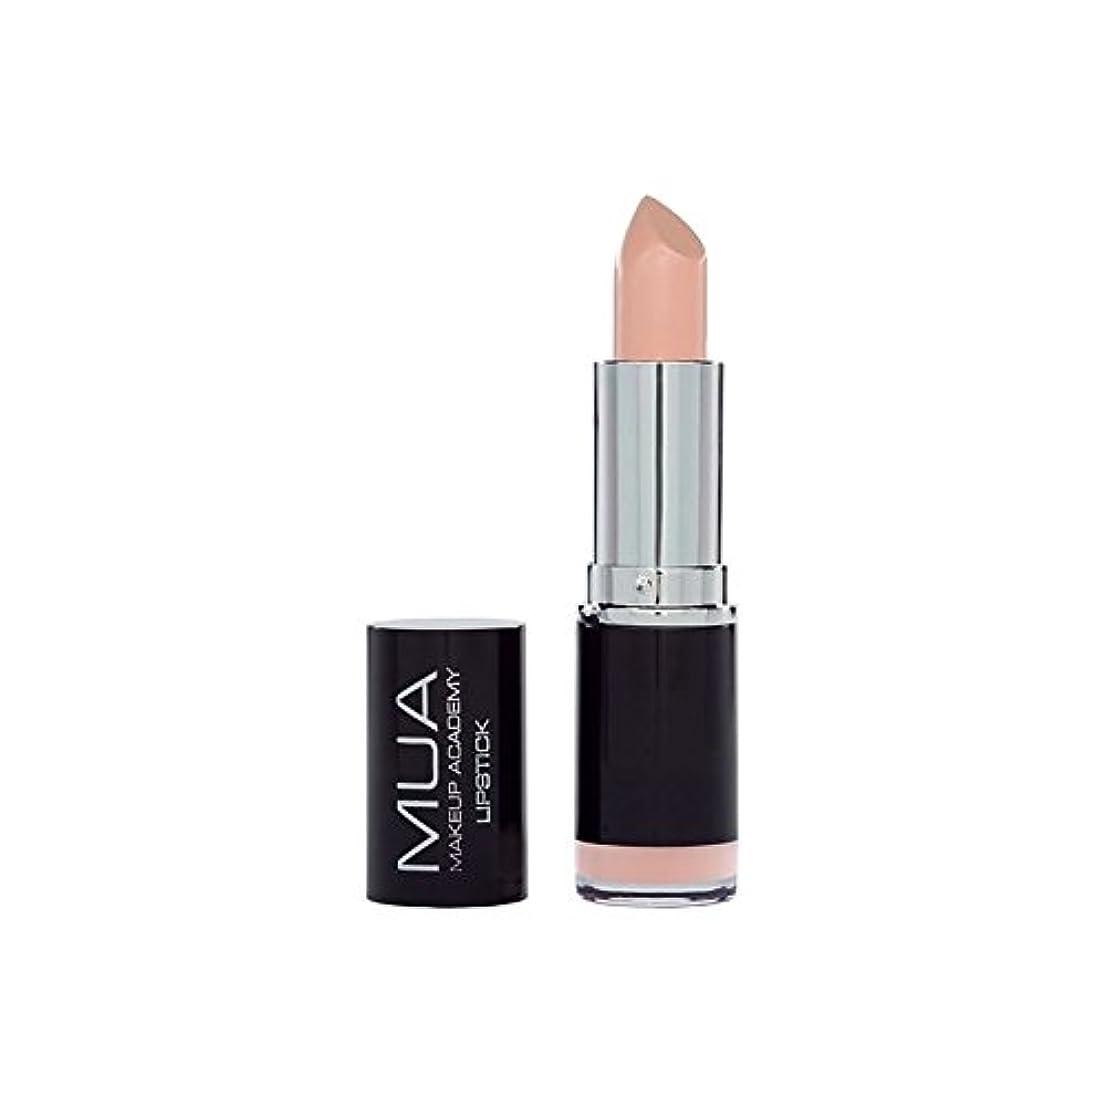 ファンアドバイス行き当たりばったりの口紅 - かろうじてそこに x4 - MUA Lipstick - Barely There (Pack of 4) [並行輸入品]